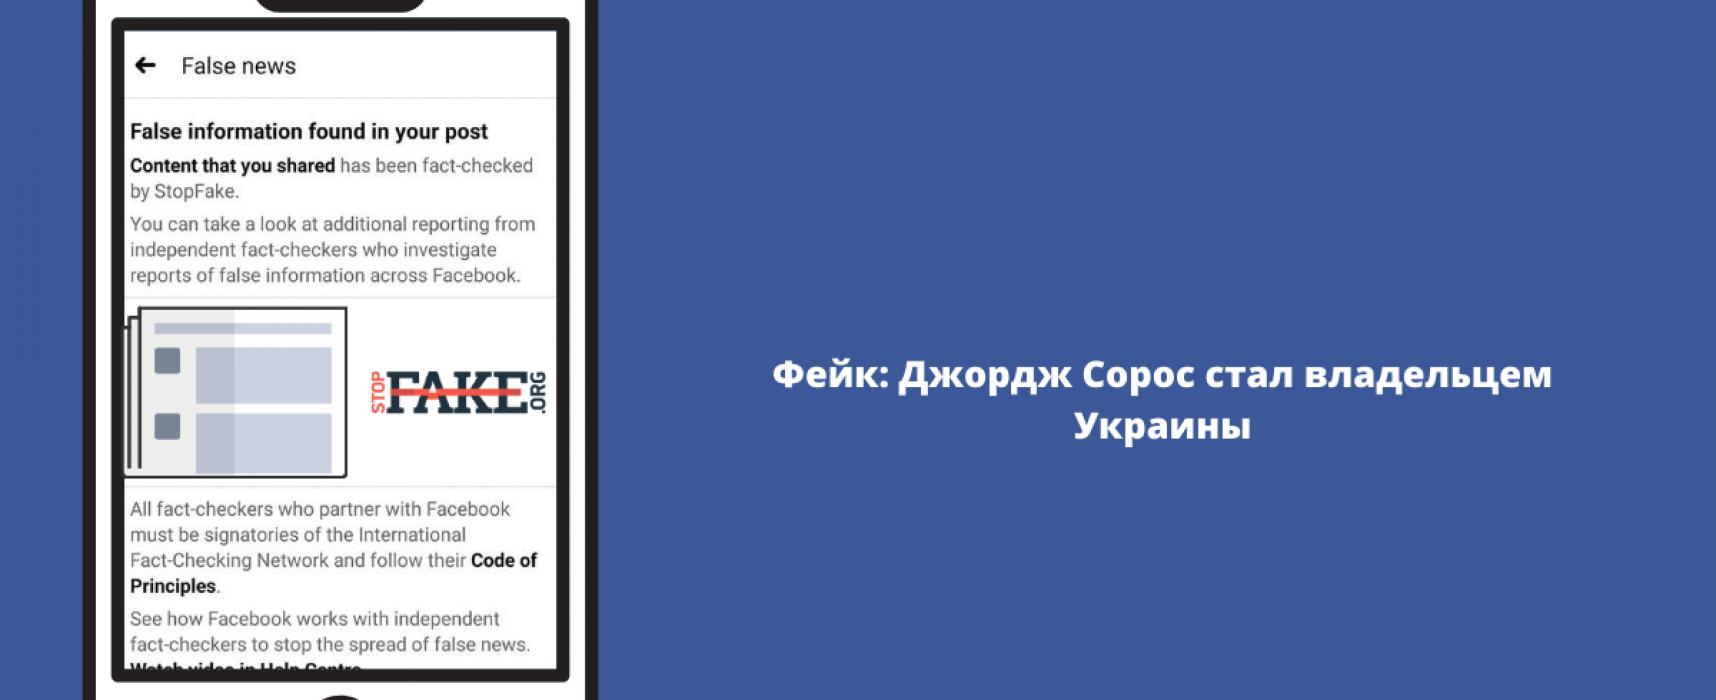 Фейк: Джордж Сорос стал владельцем Украины